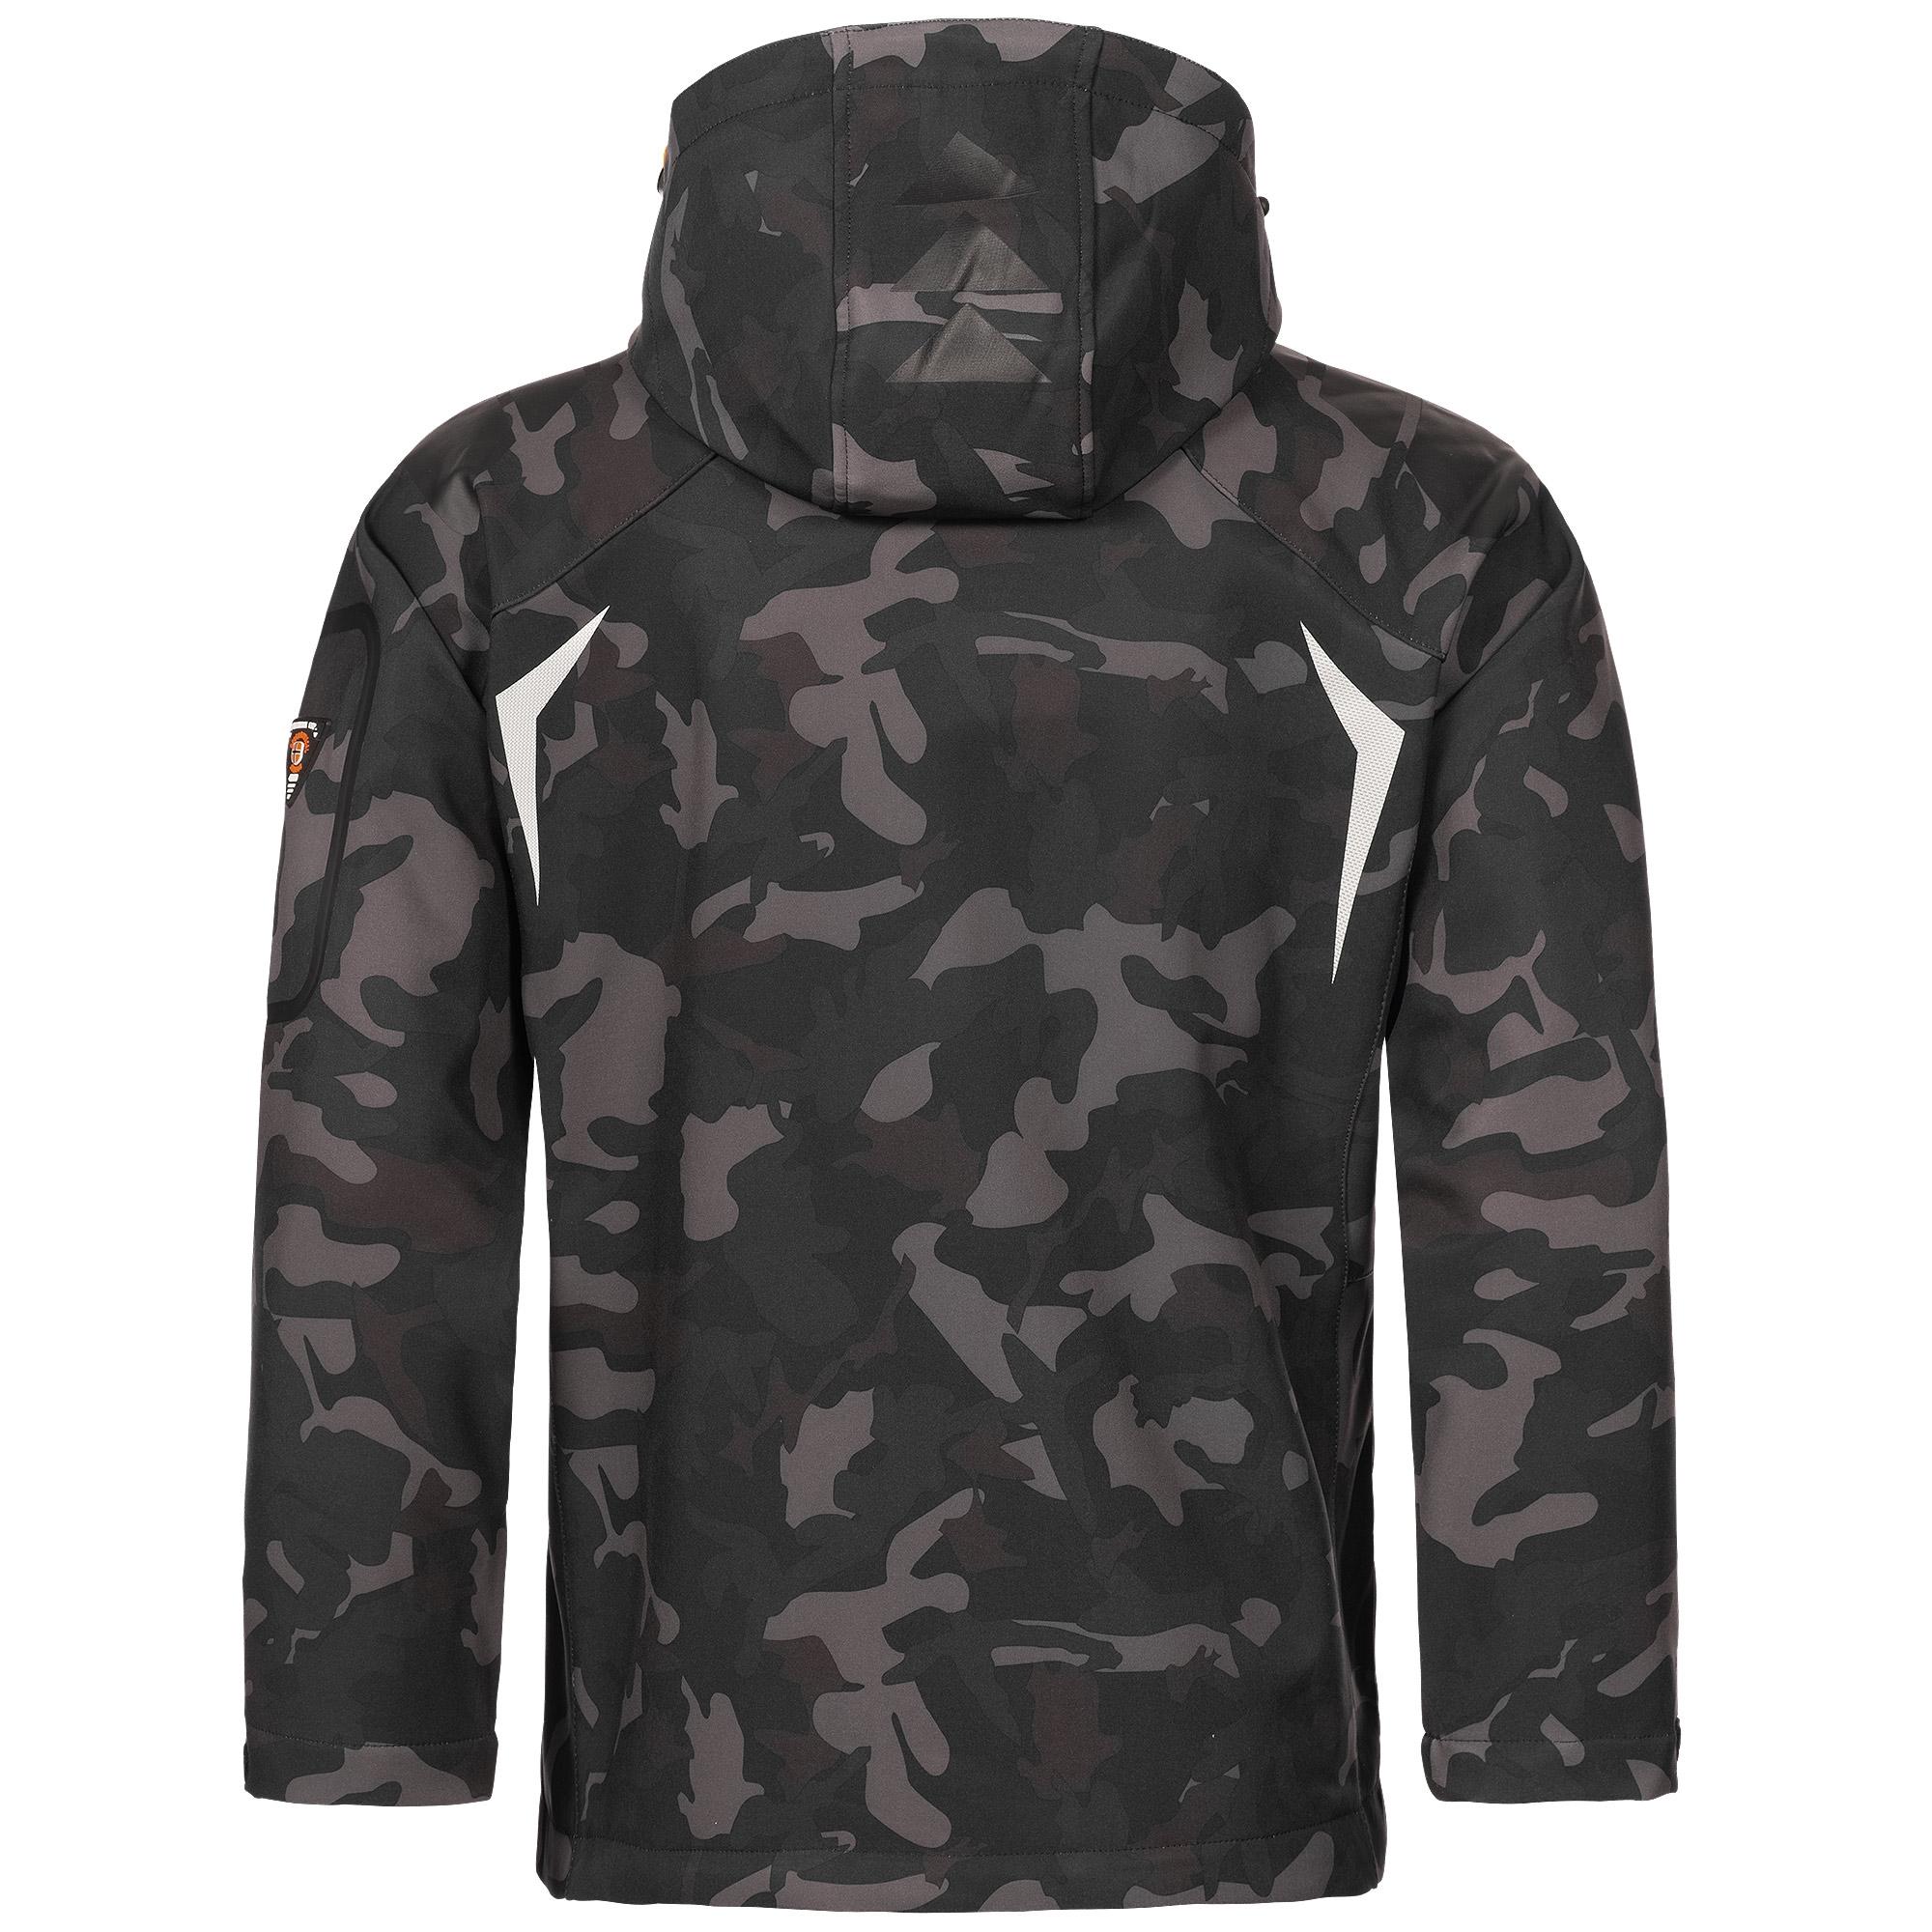 Geographical-Norway-Camouflage-Herren-Softshell-Funktions-Outdoor-Regen-Jacke Indexbild 10